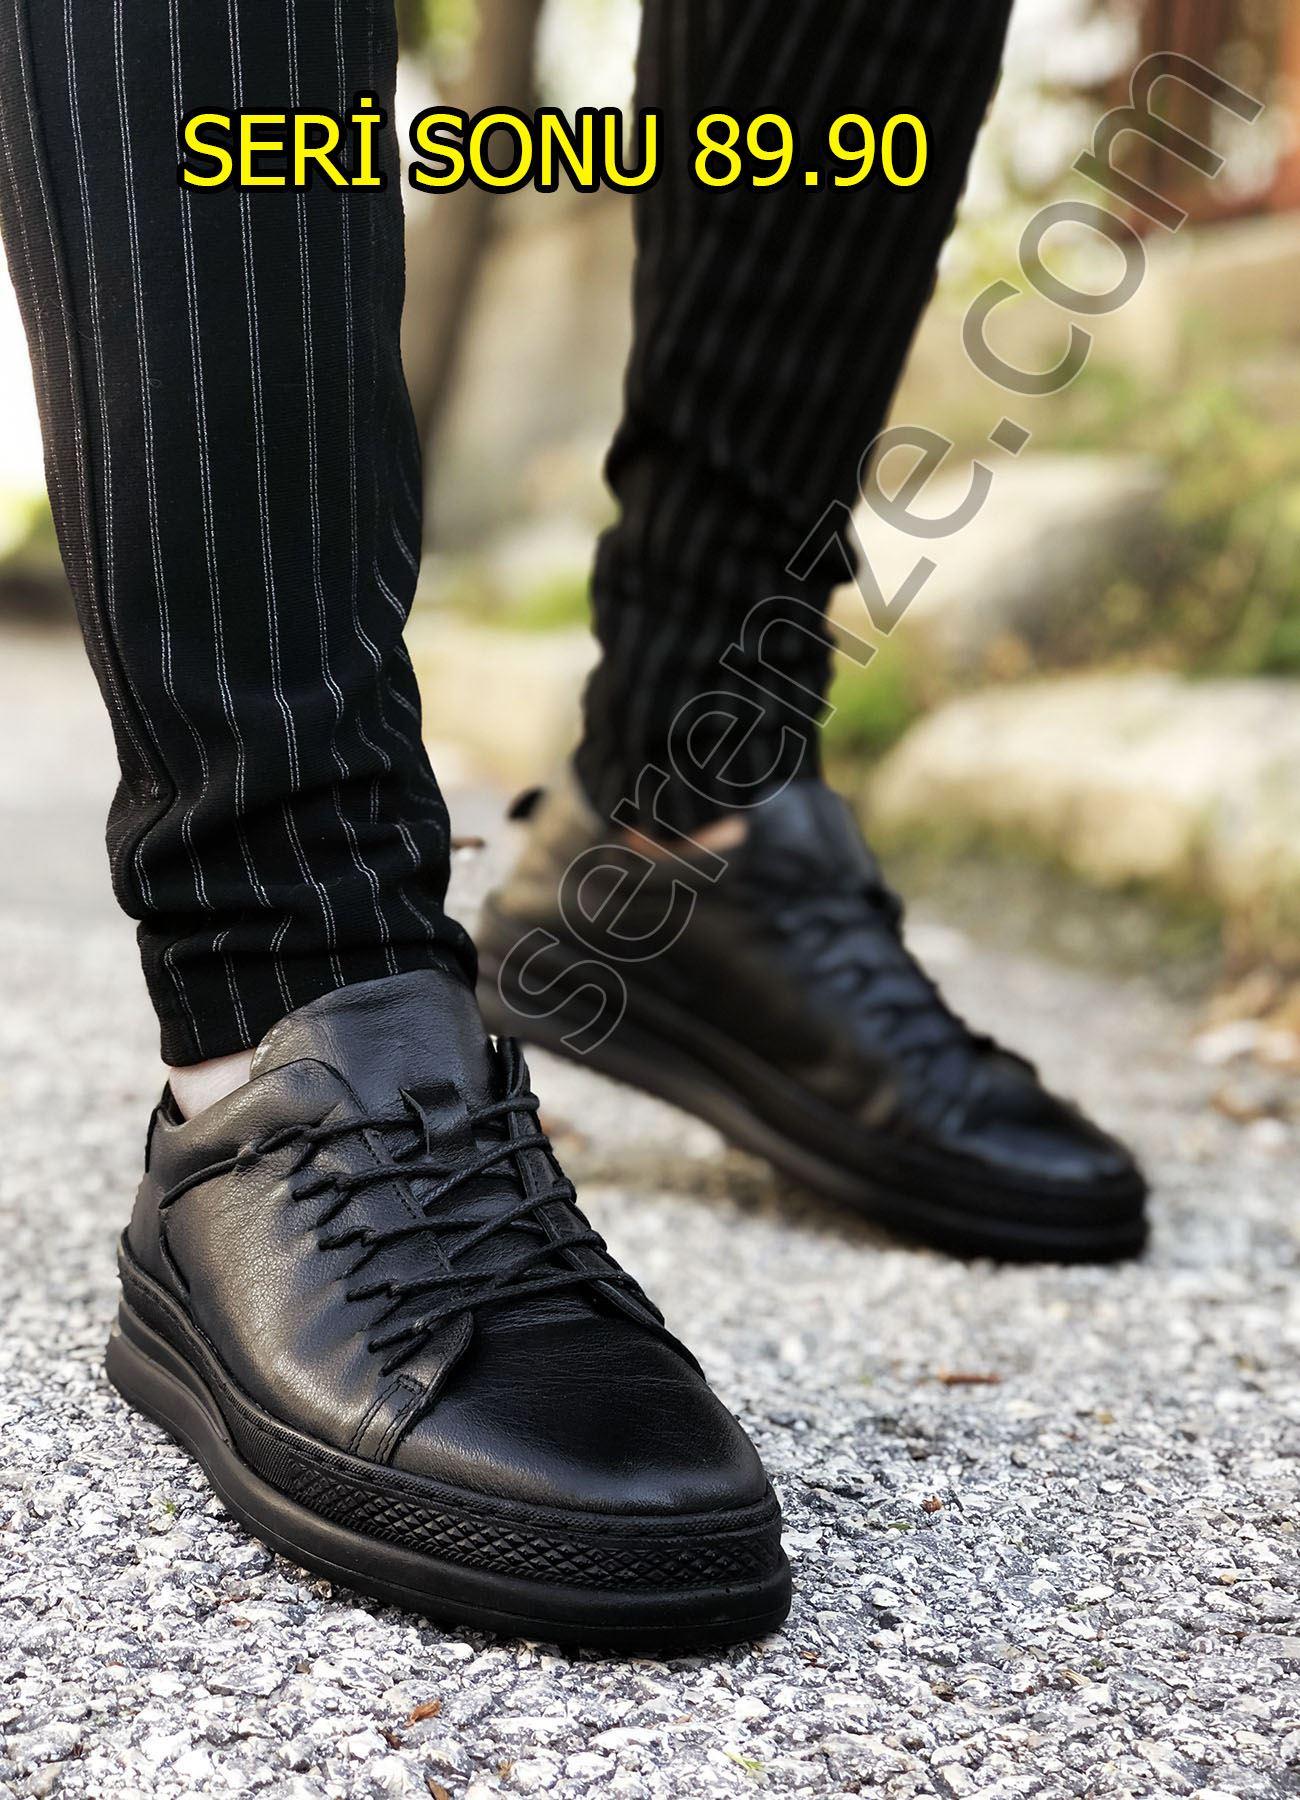 Siyah Hakiki Deri Lastikli Erkek Spor Ayakkabı